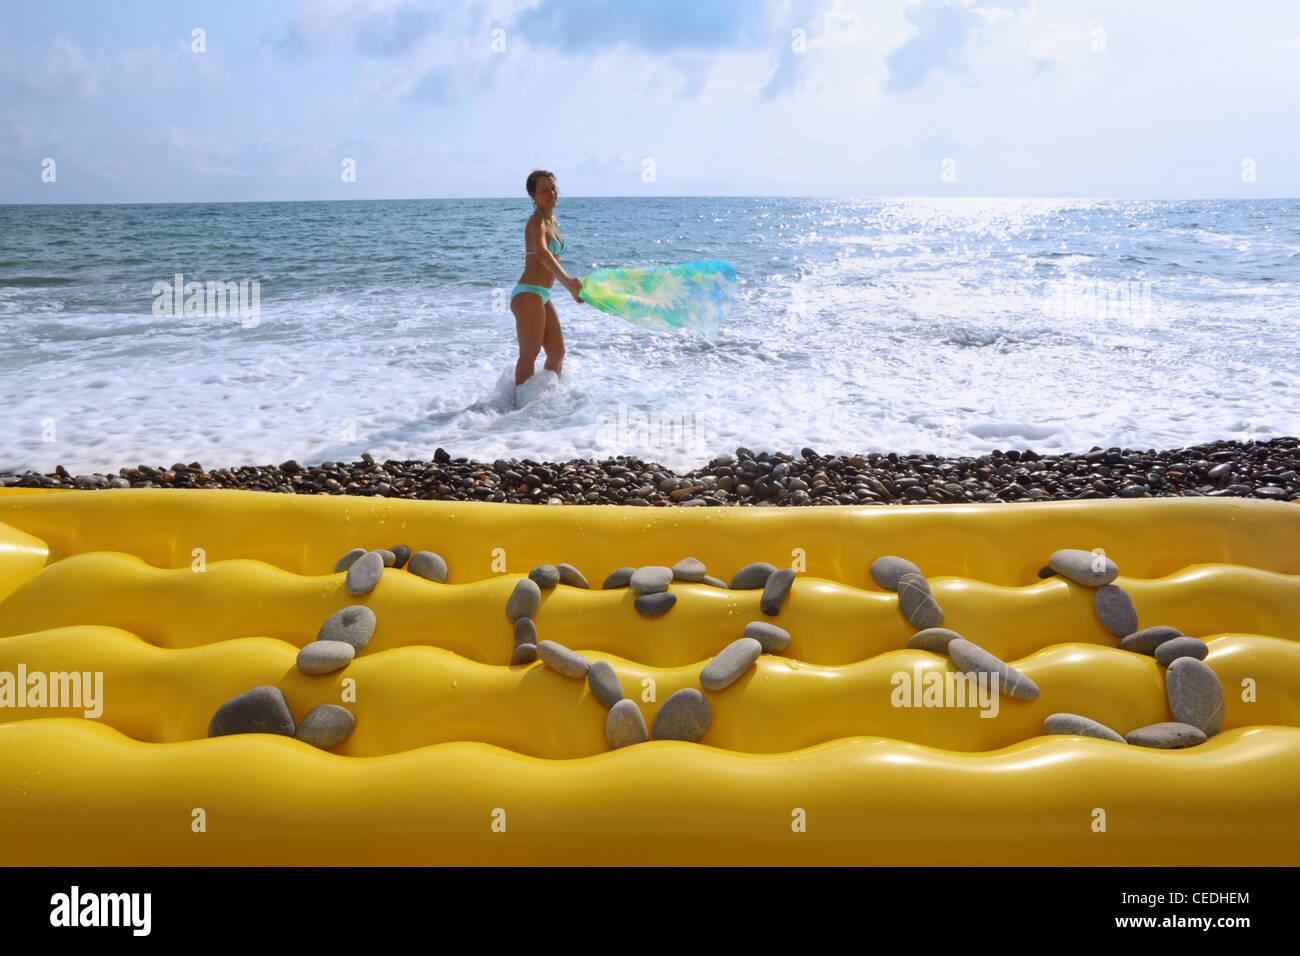 Aus Steinen ich liebe dich eine Inschrift auf gelbe Luft eng am Strand, schöne Frau mit Stoff am Ufer des Meeres Stockfoto